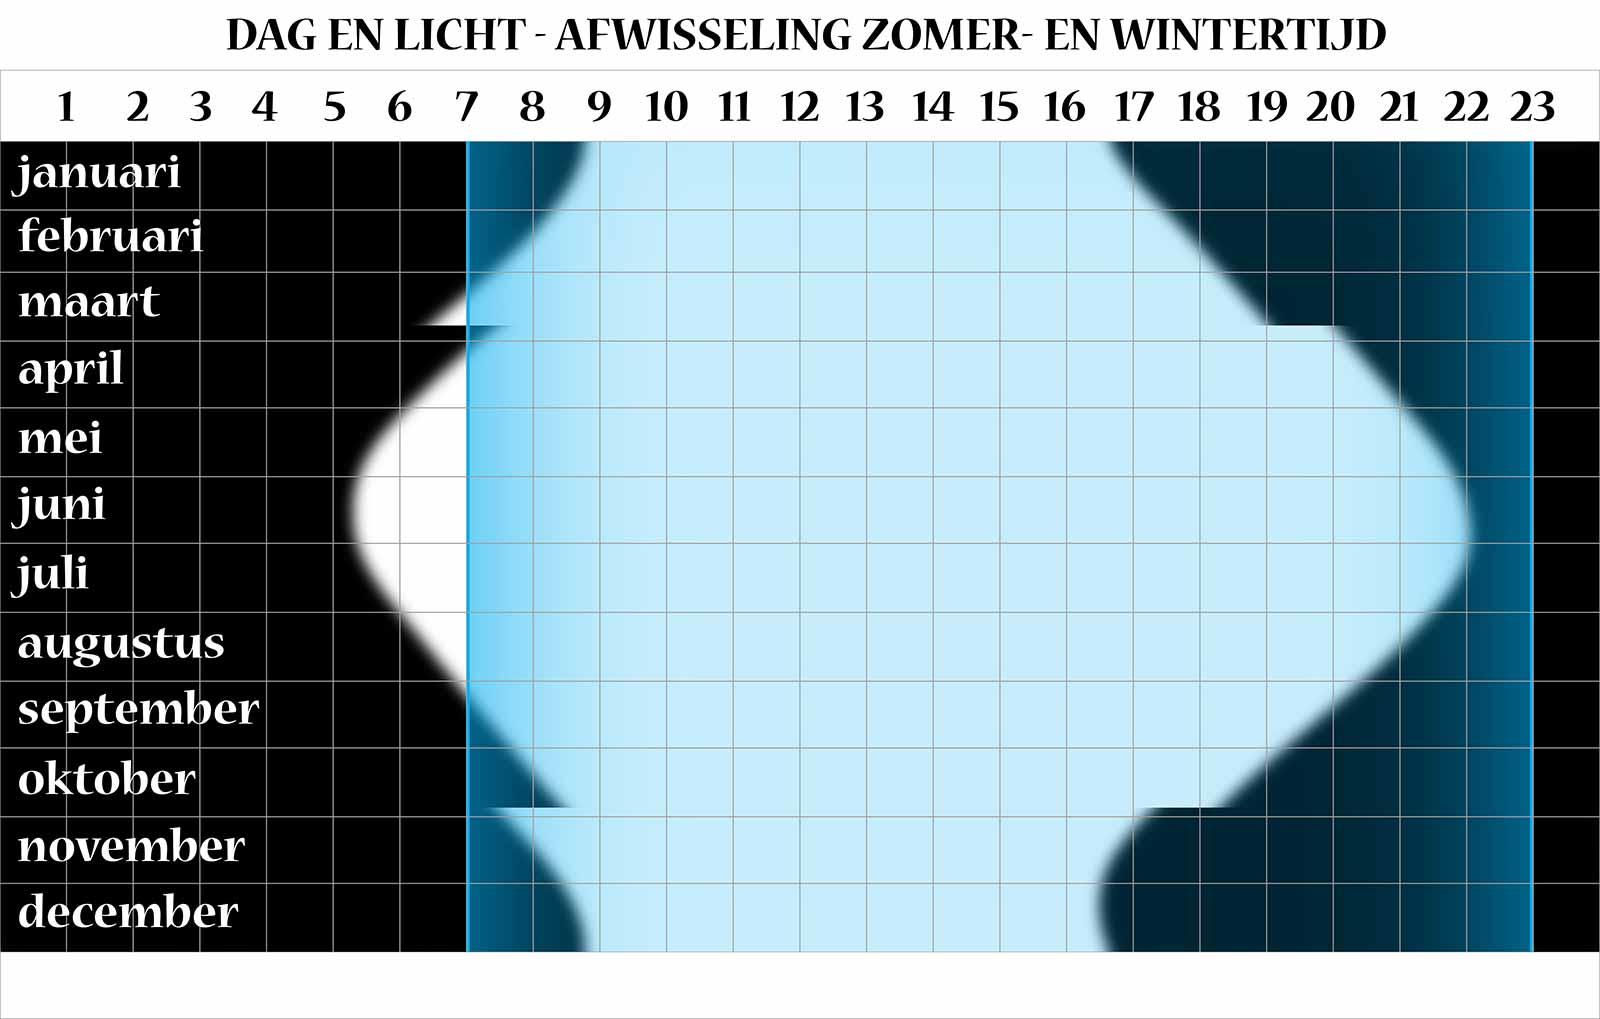 Grafische vergelijking tussen enerzijds licht en donker en anderzijds de uren dat de gemiddelde Nederlander wakker is, bij het afwisselend hanteren van zomer- en wintertijd.